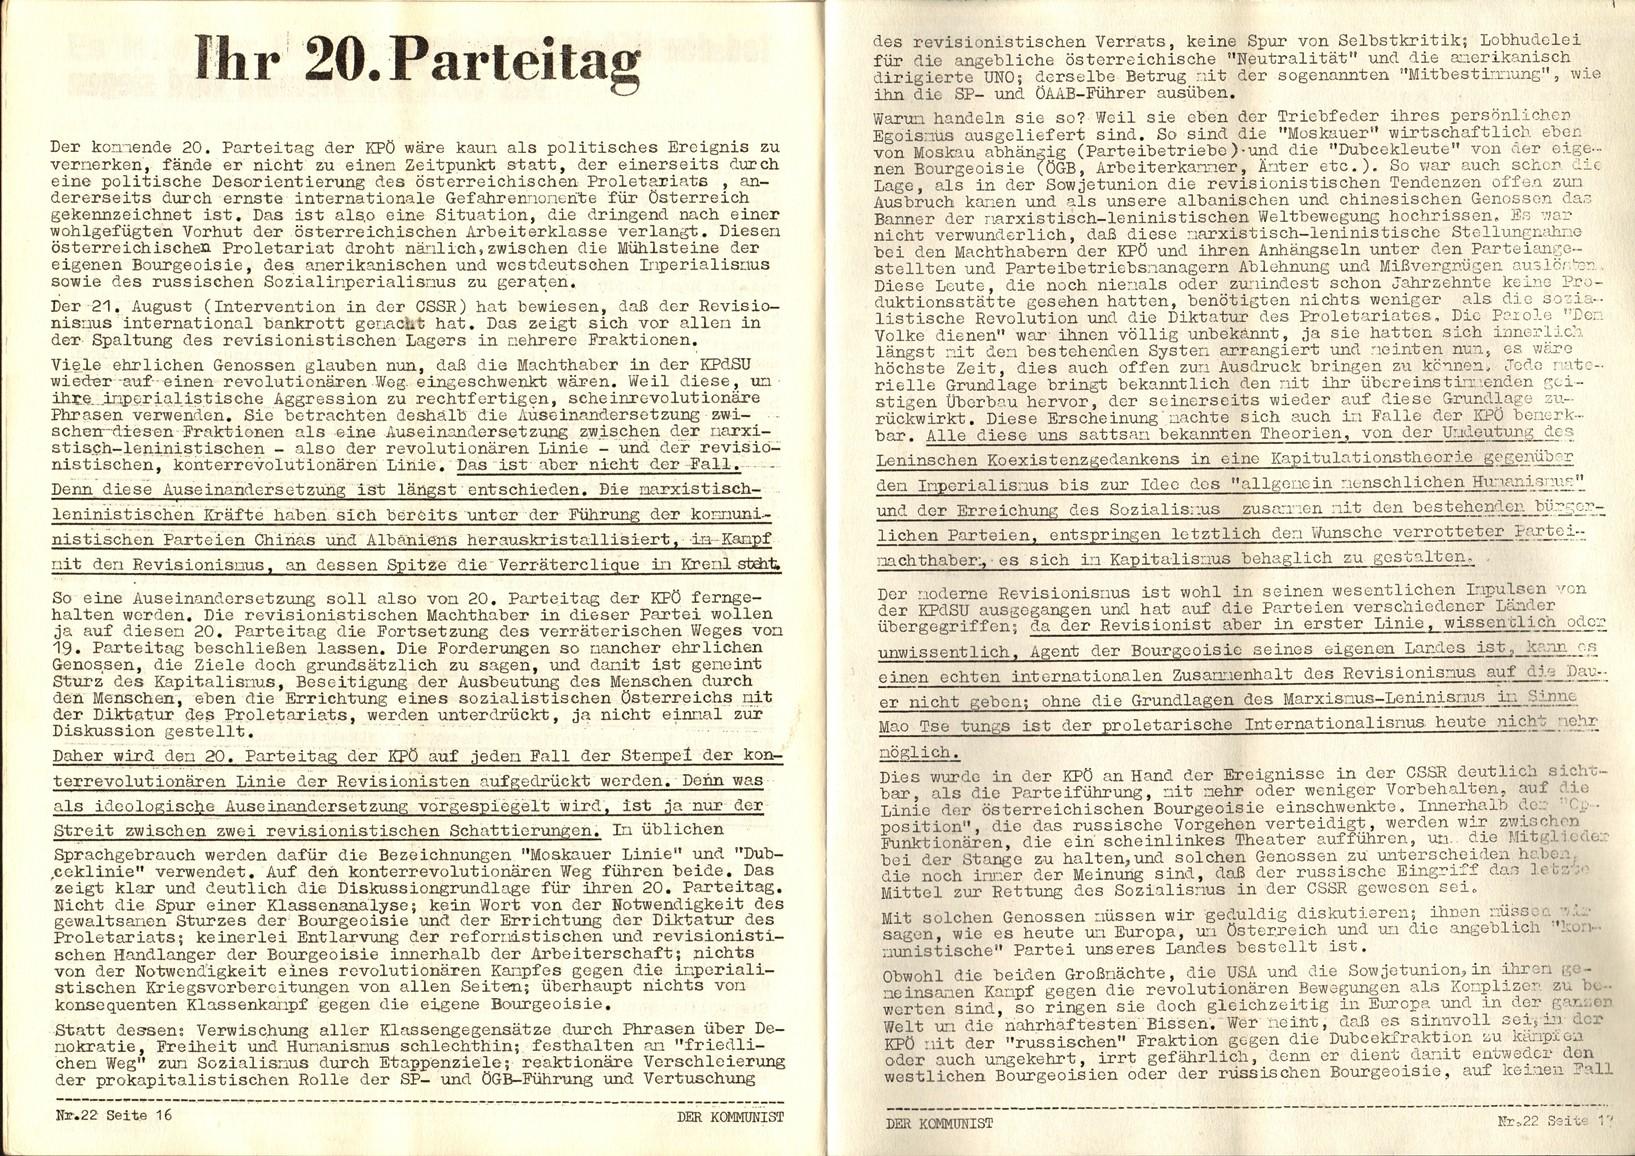 VRA_Der_Kommunist_19681200_09